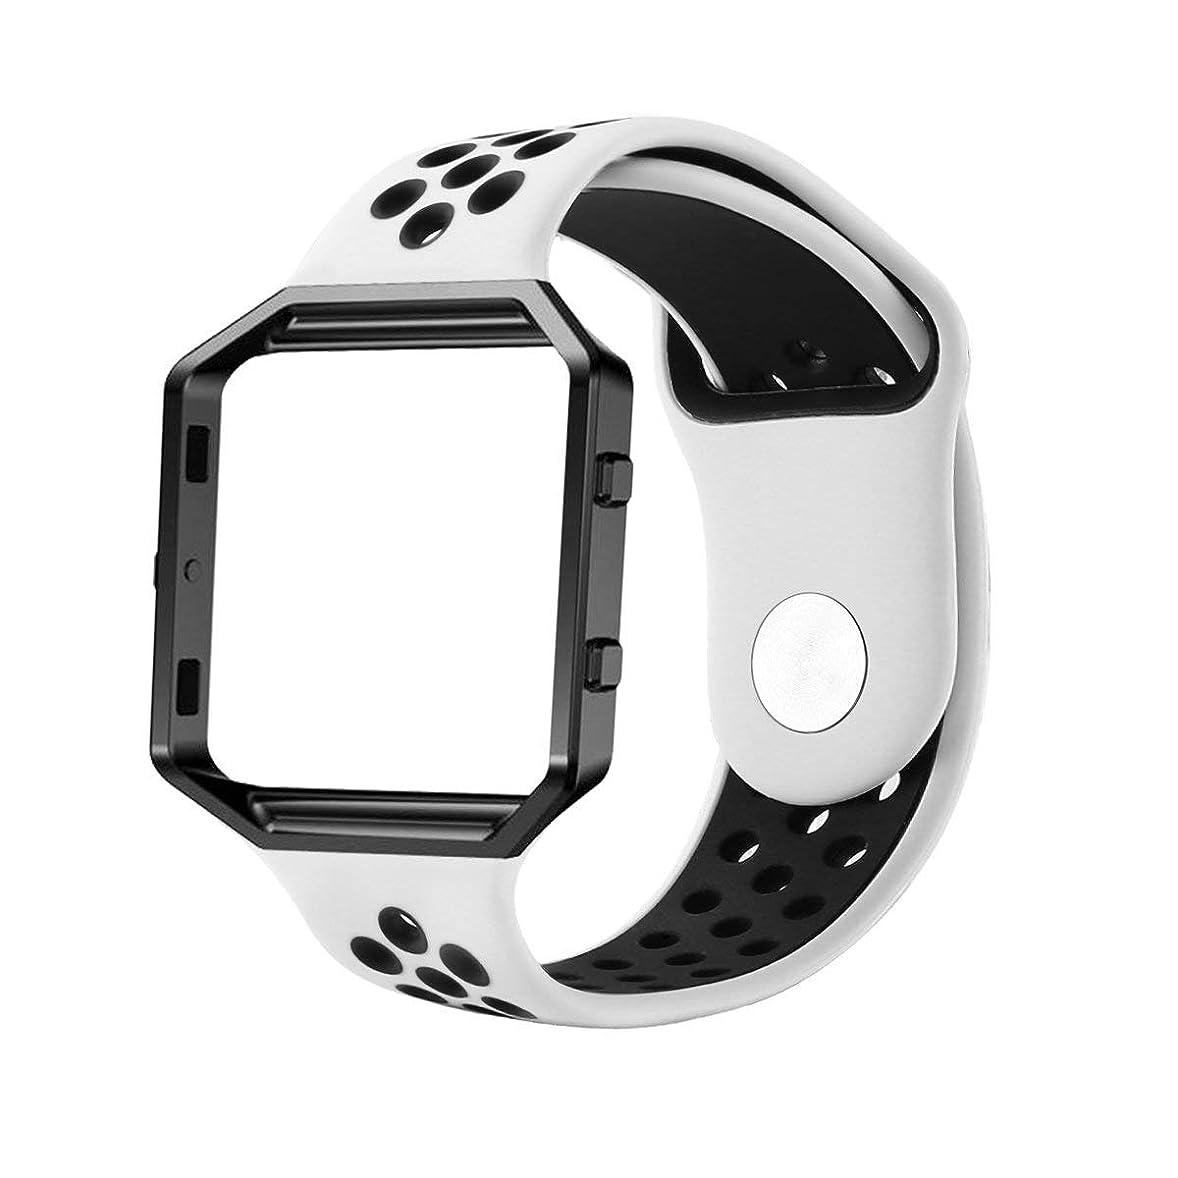 楽しいエミュレートする感嘆Haotop バンド Compatible fo Fitbit Blaze Watch,シリカゲルバンド スポーツシリコンストラップリスト 交換バンド 柔らか運動型 (Small, 白/黒)